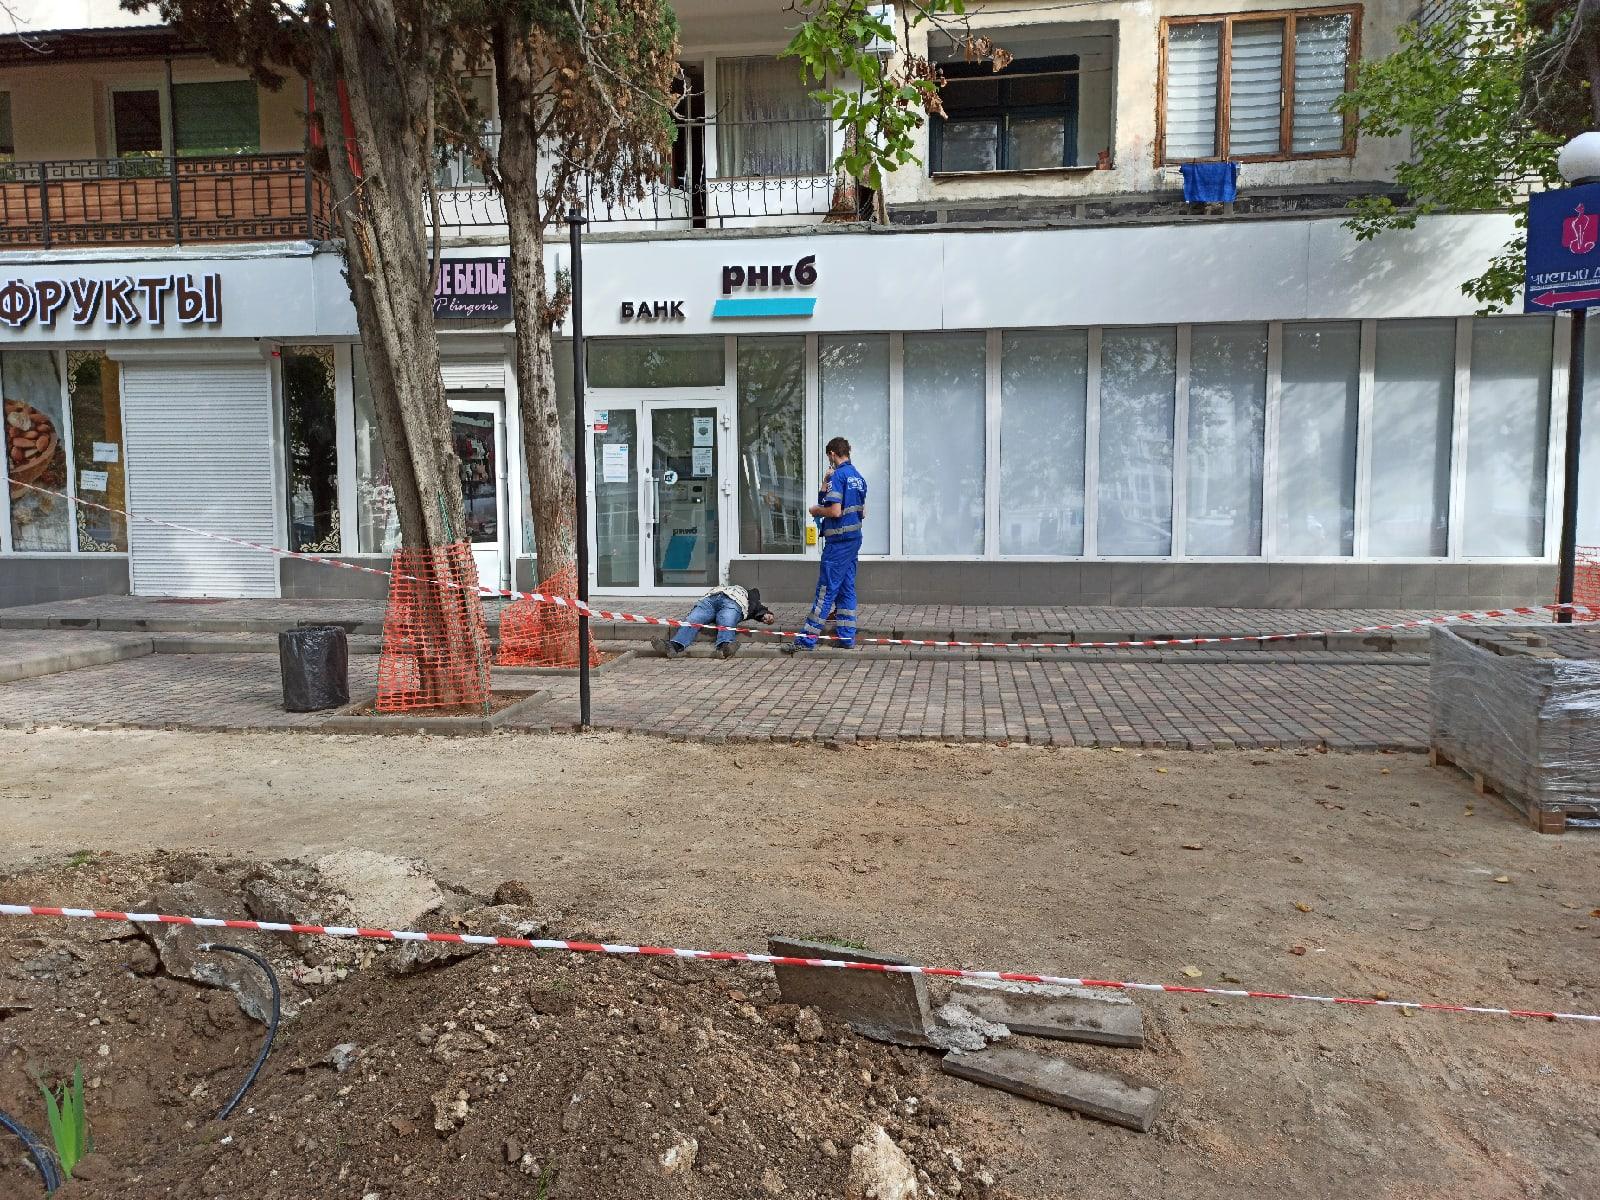 В Севастополе возле банка умер человек